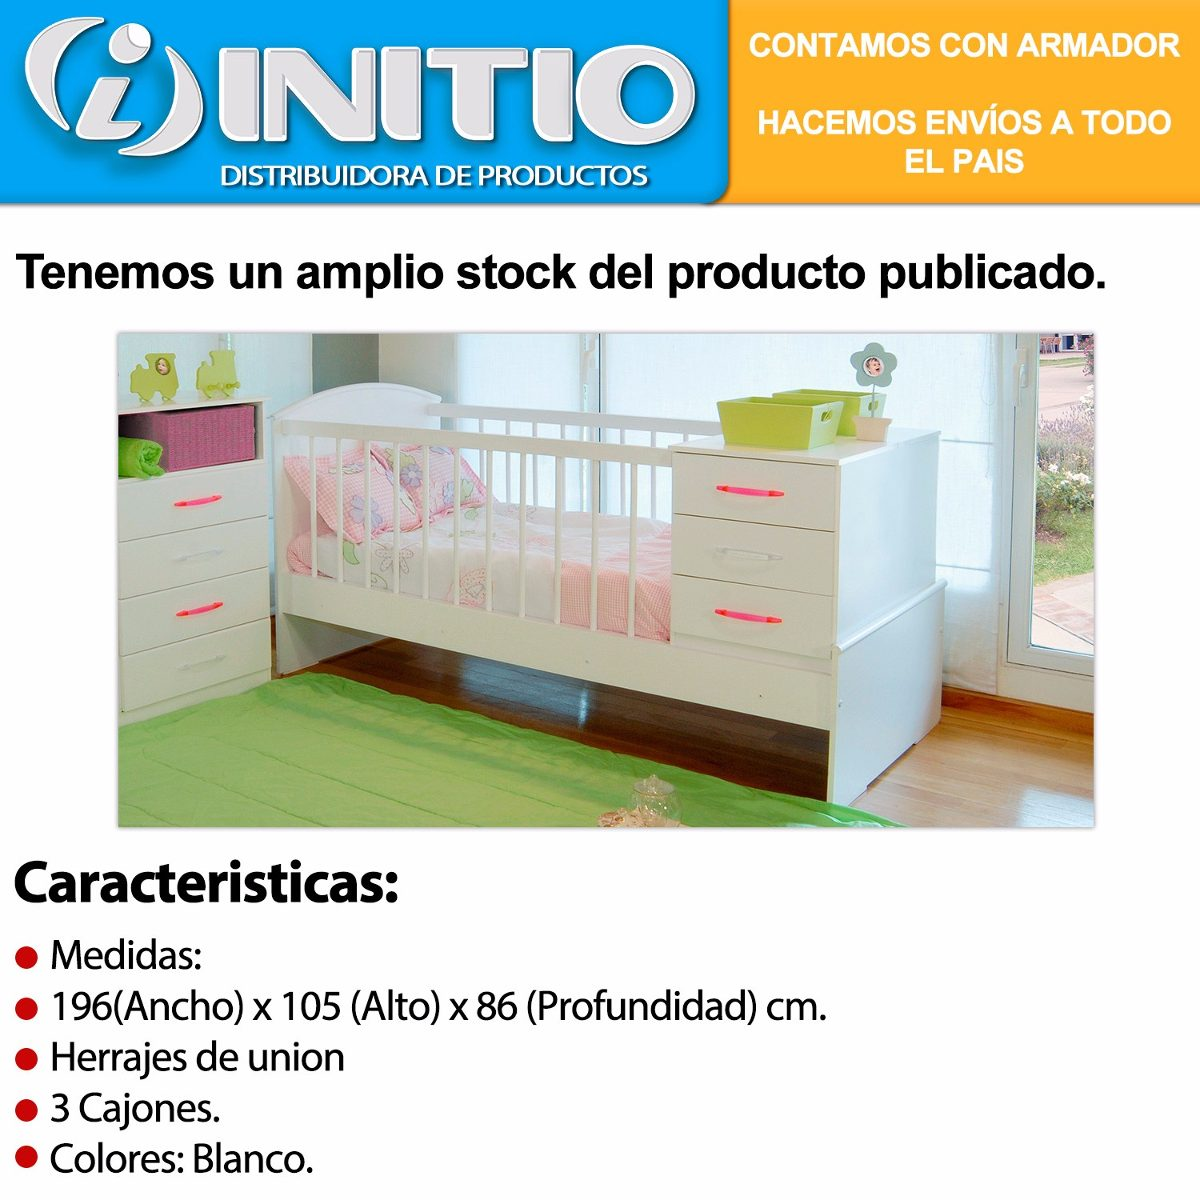 Moderno Bebés R Nosotros Muebles Cuna Molde - Muebles Para Ideas de ...